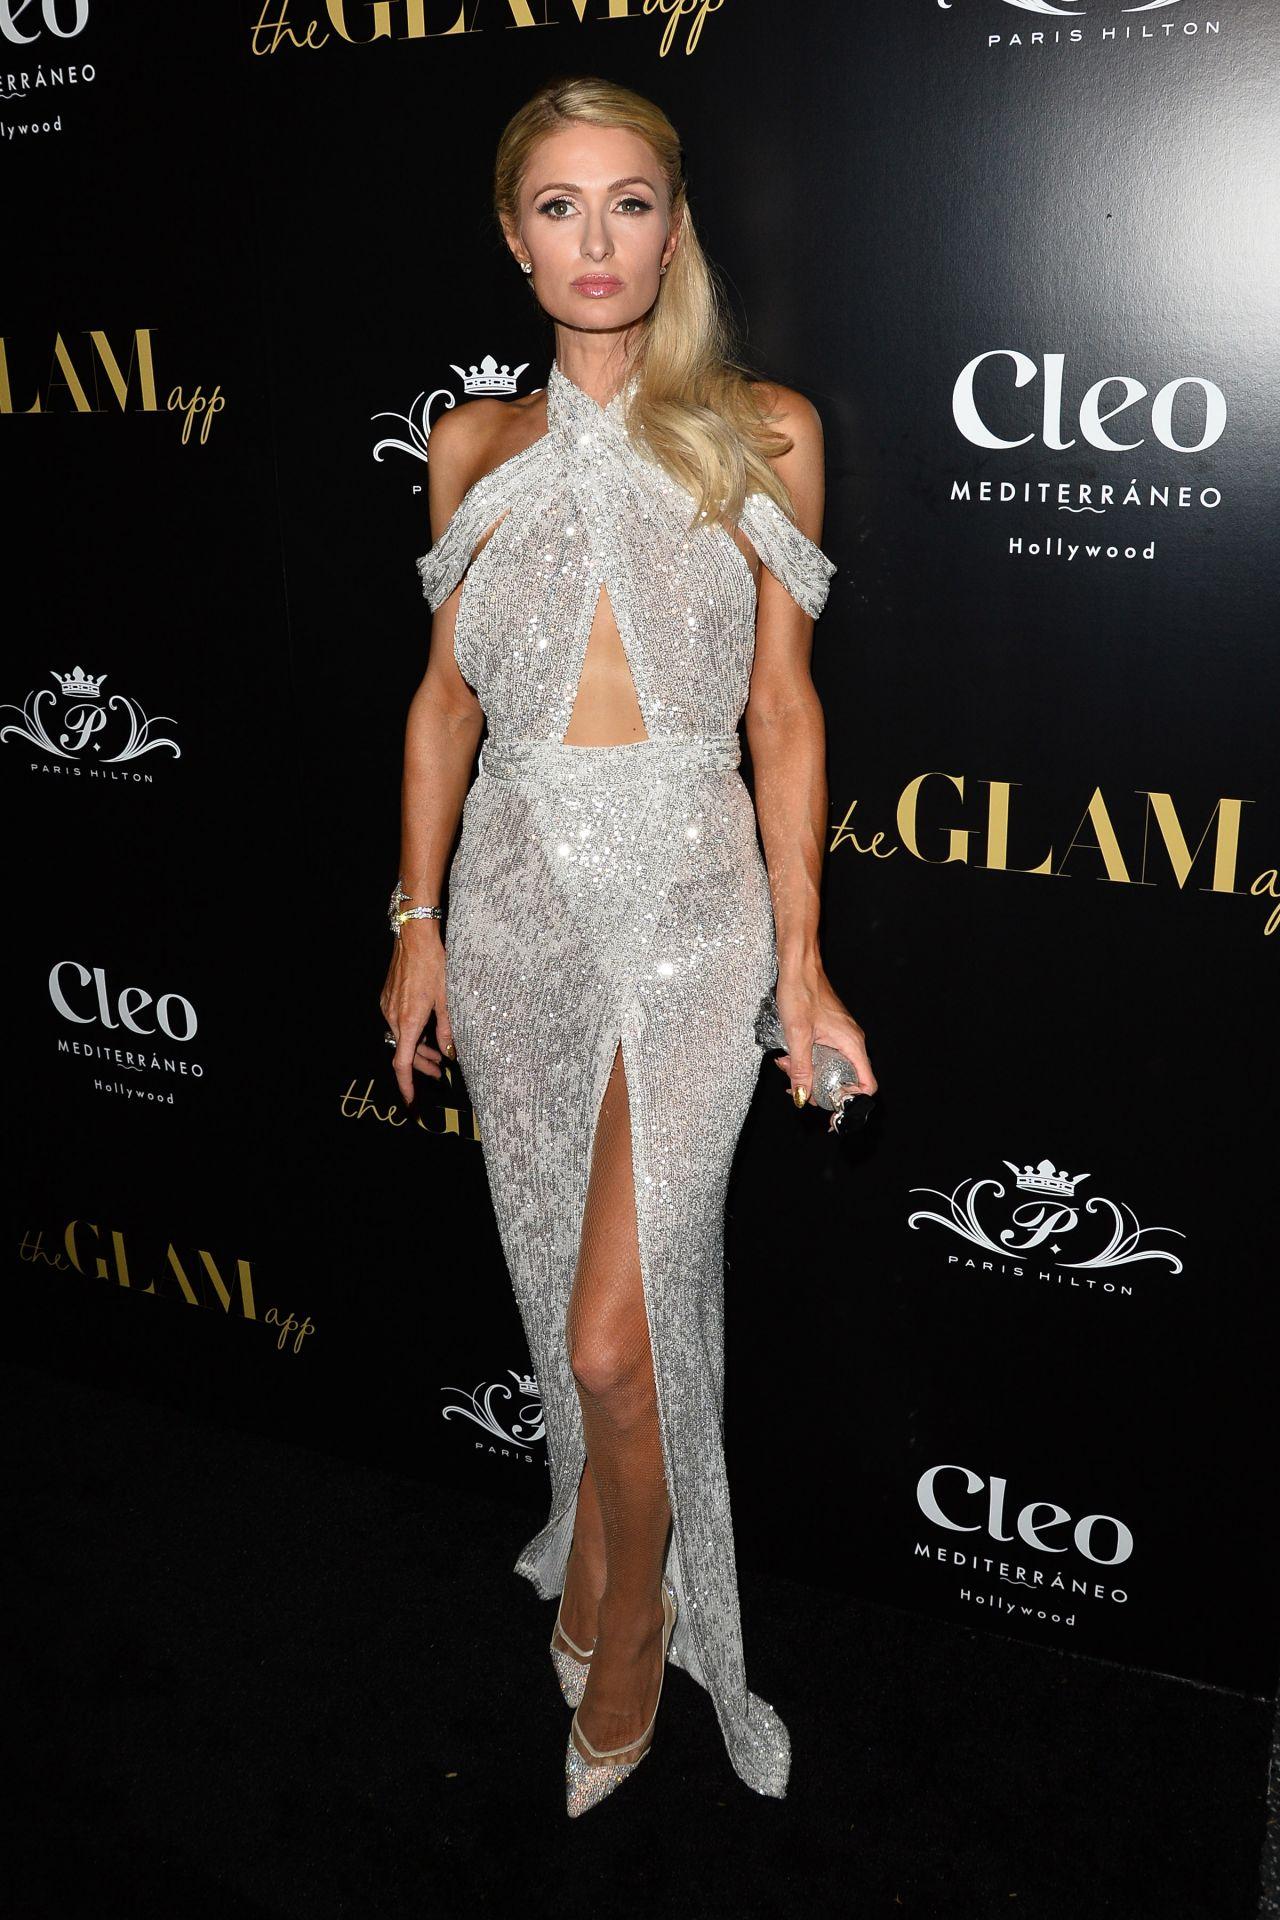 Paris Hilton The Glam App Launch Event In La 06 19 2019